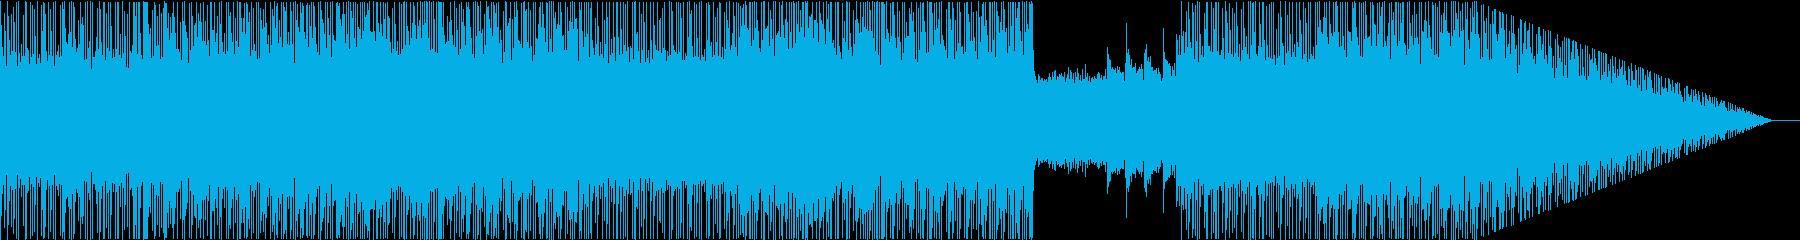 ポップなメロディとシューゲイザー風オケの再生済みの波形